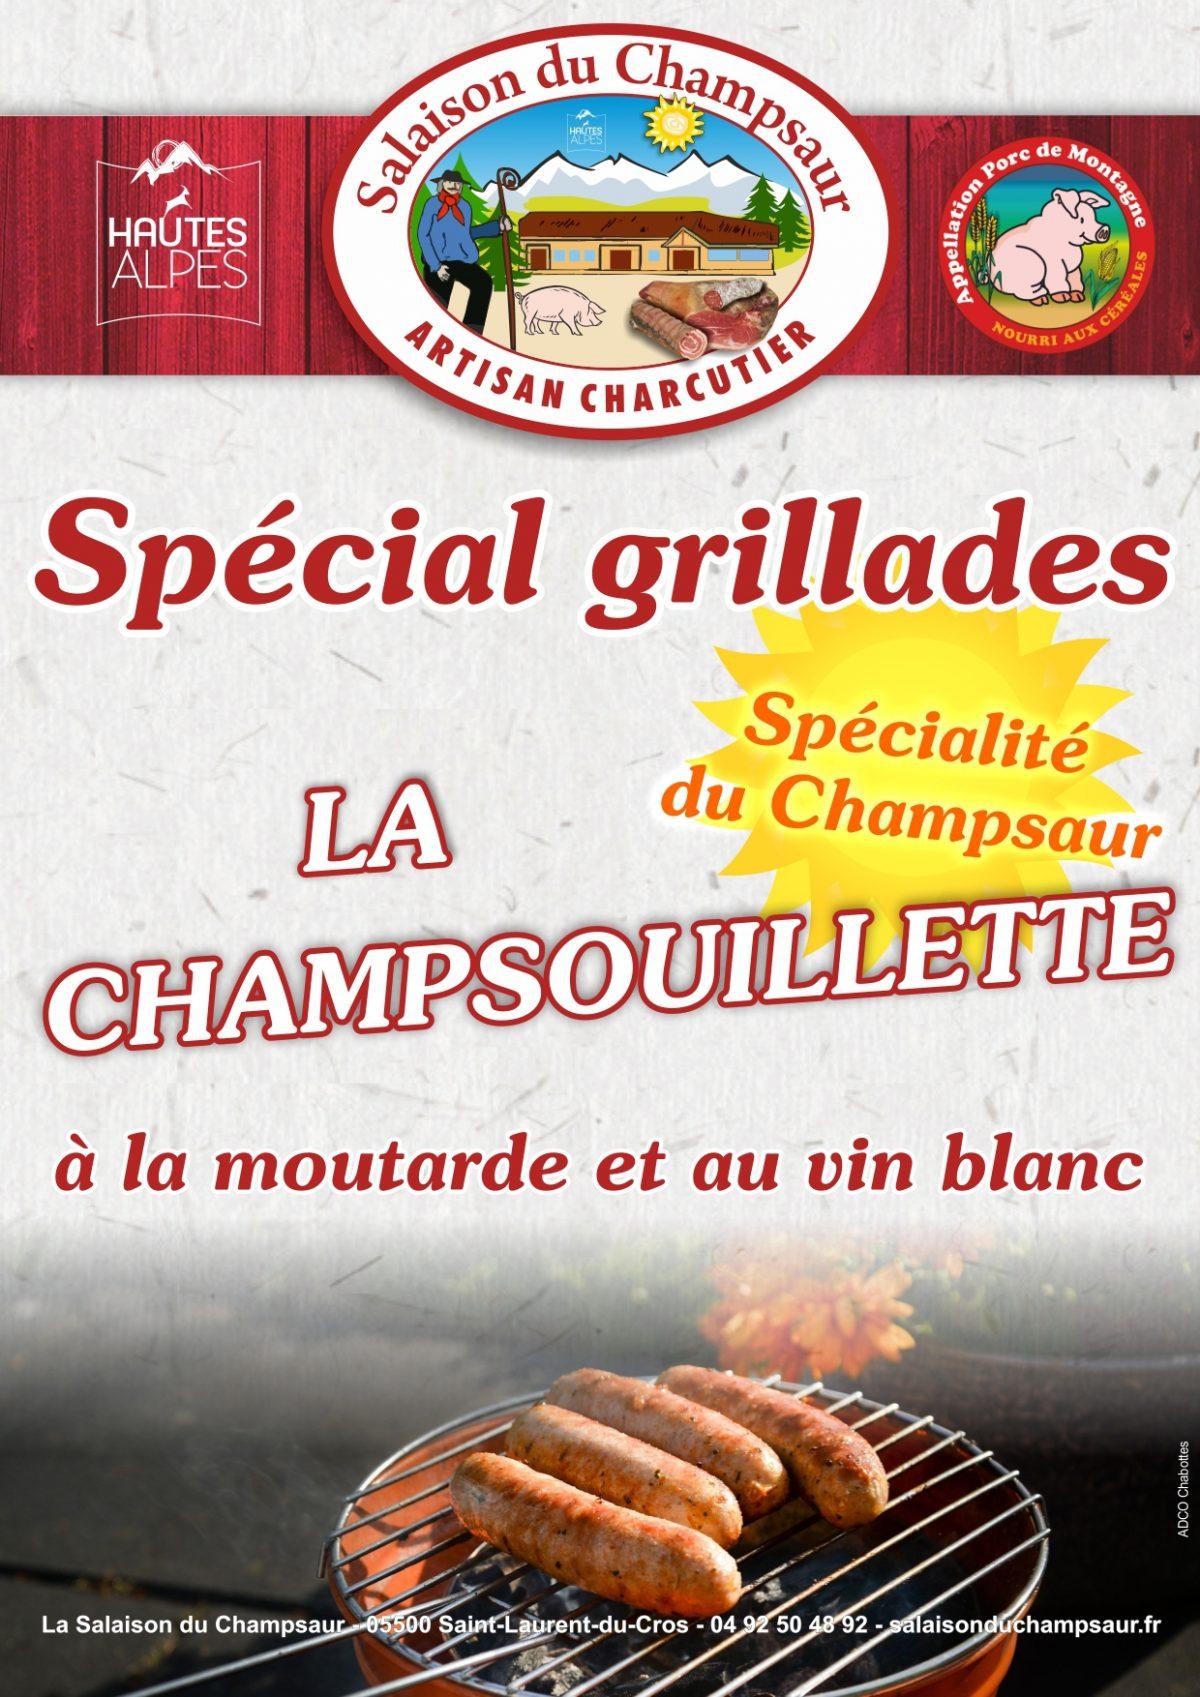 Affiche Champsouillette Salaison du Champsaur Saint Laurent du Cros Hautes Alpes Charcuterie Artisanale en ligne